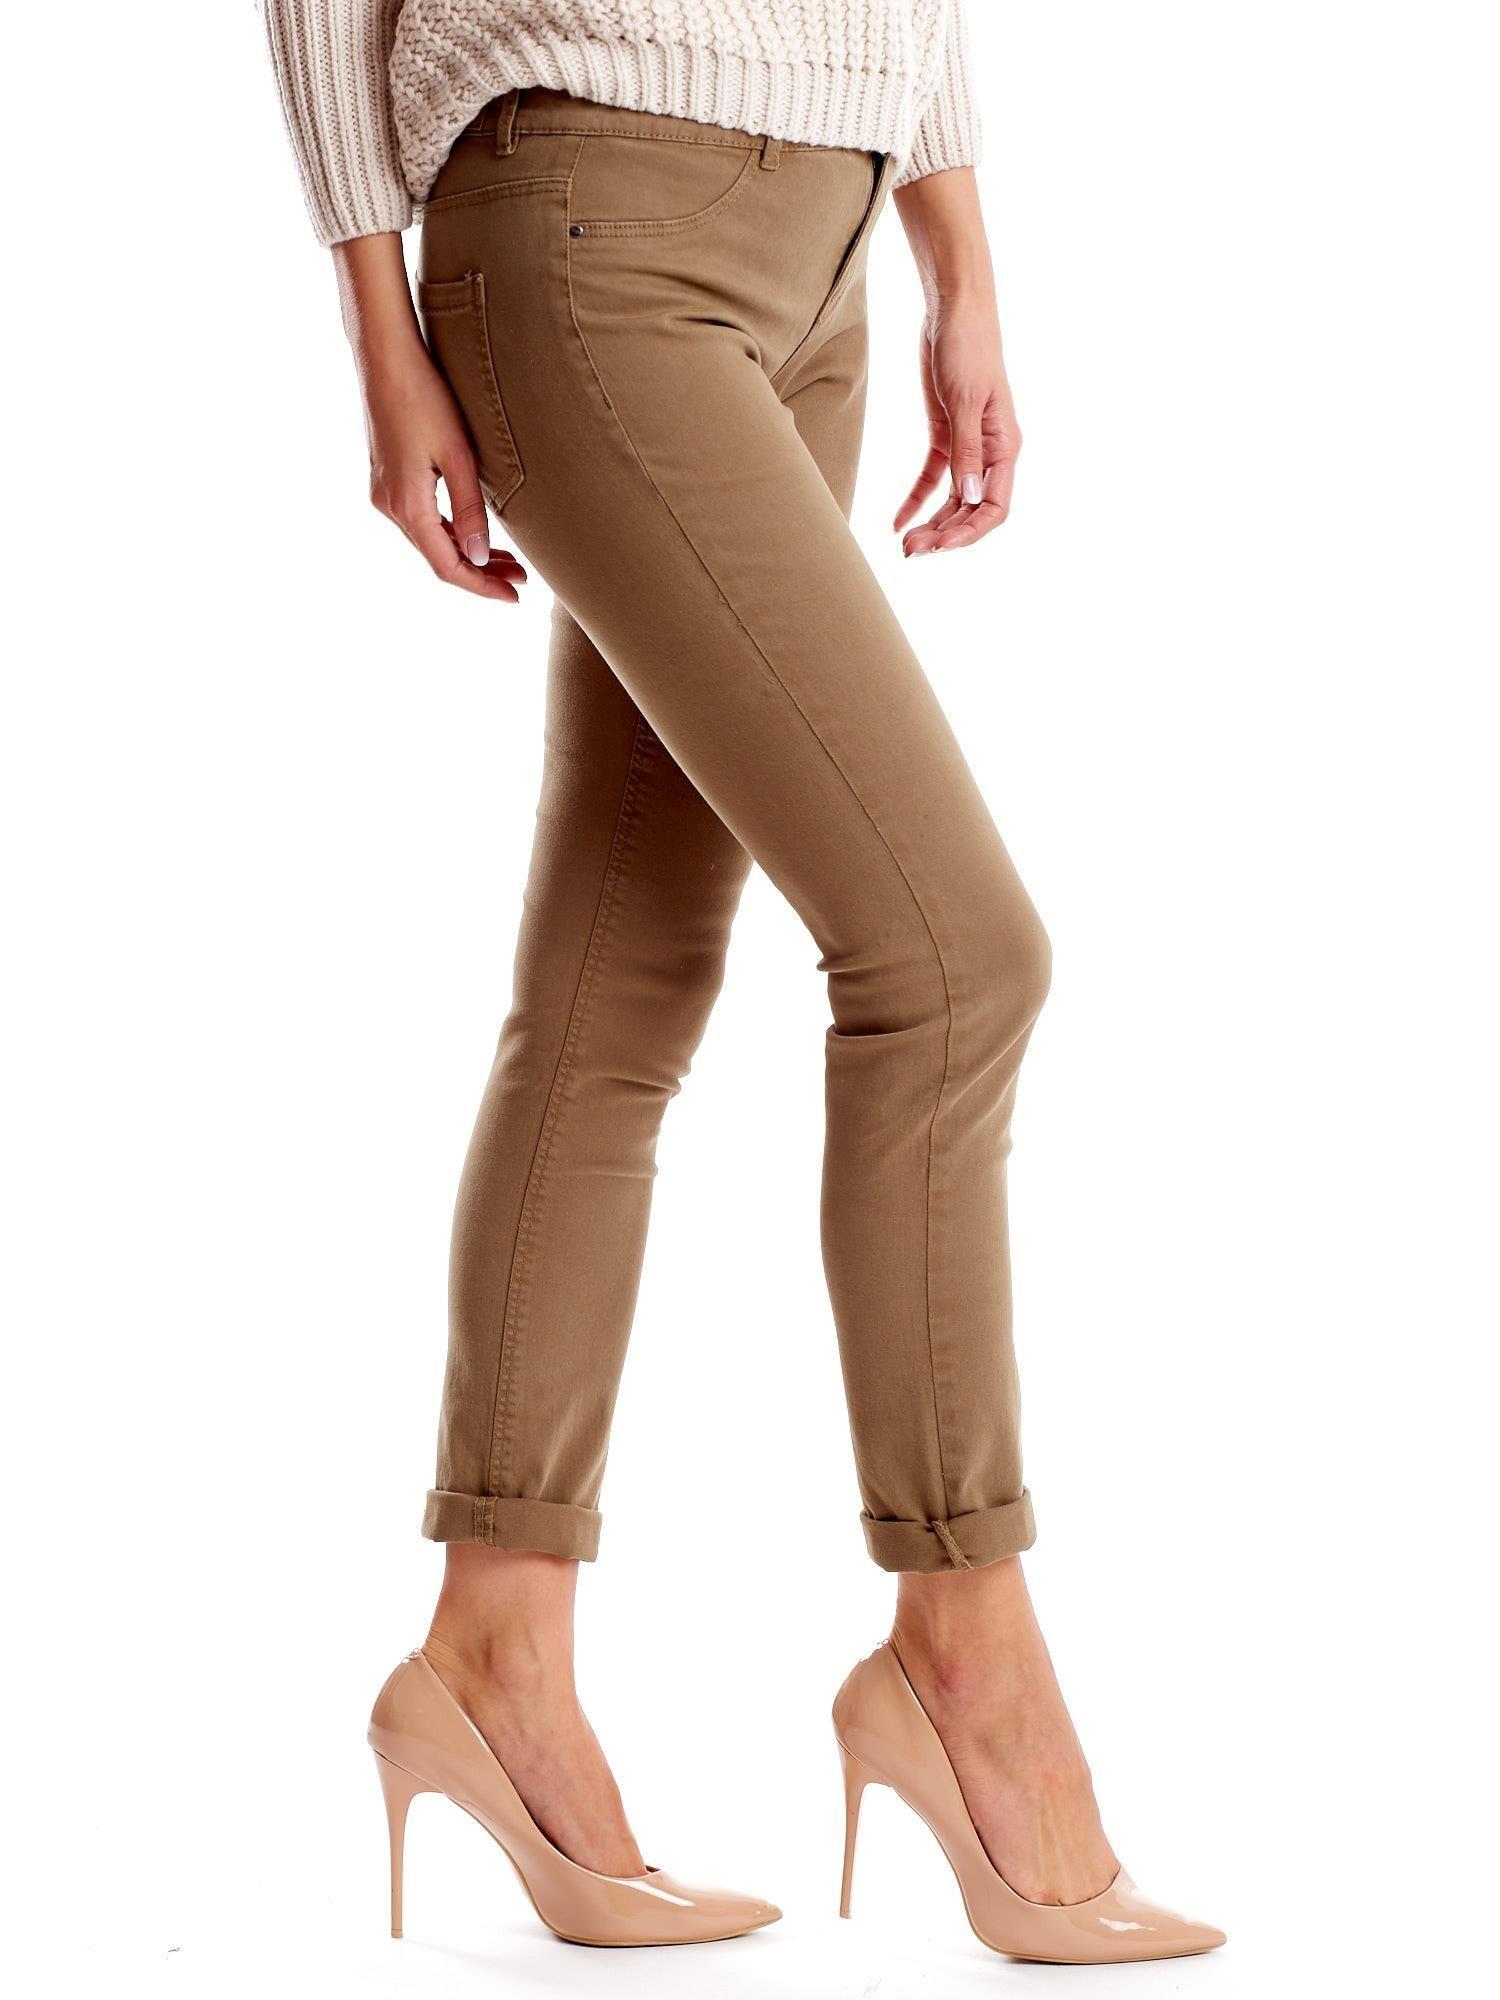 spodnie moro damskie